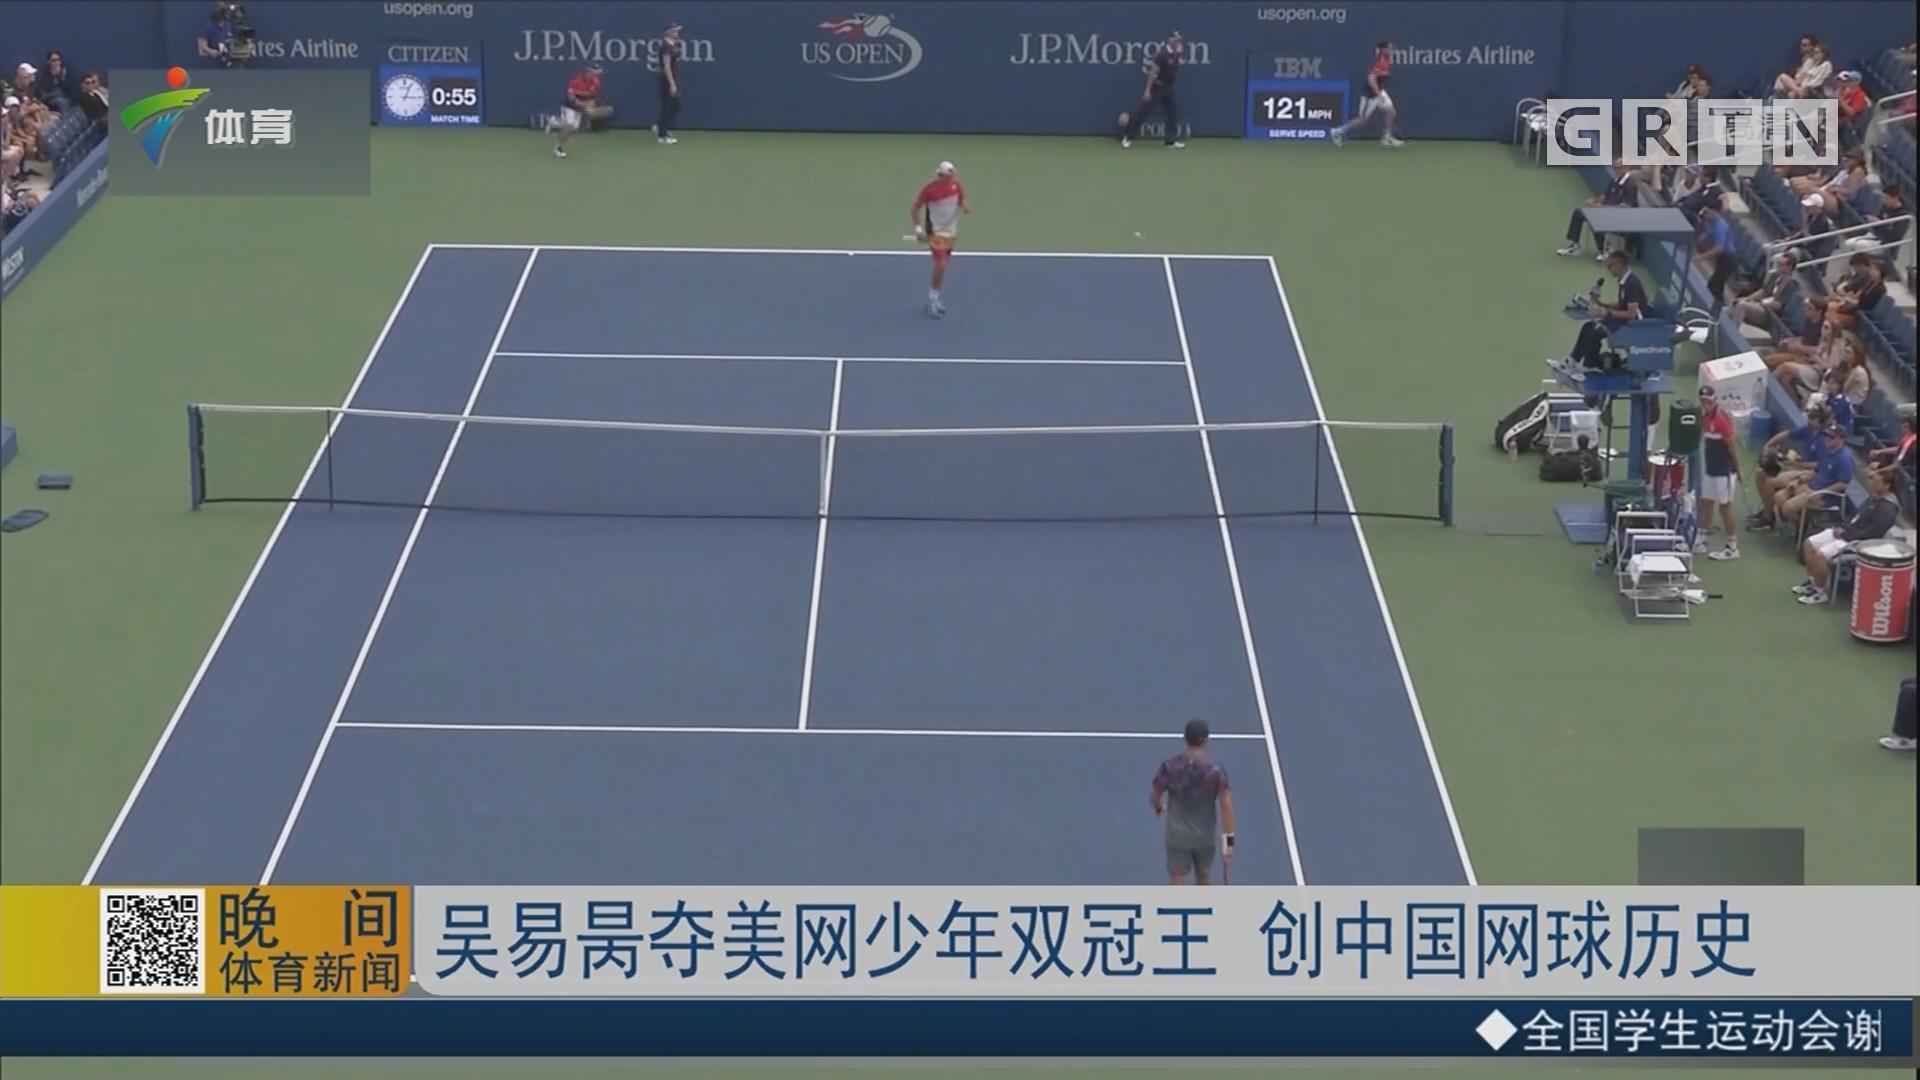 吴易昺夺美网少年双冠王 创中国网球历史